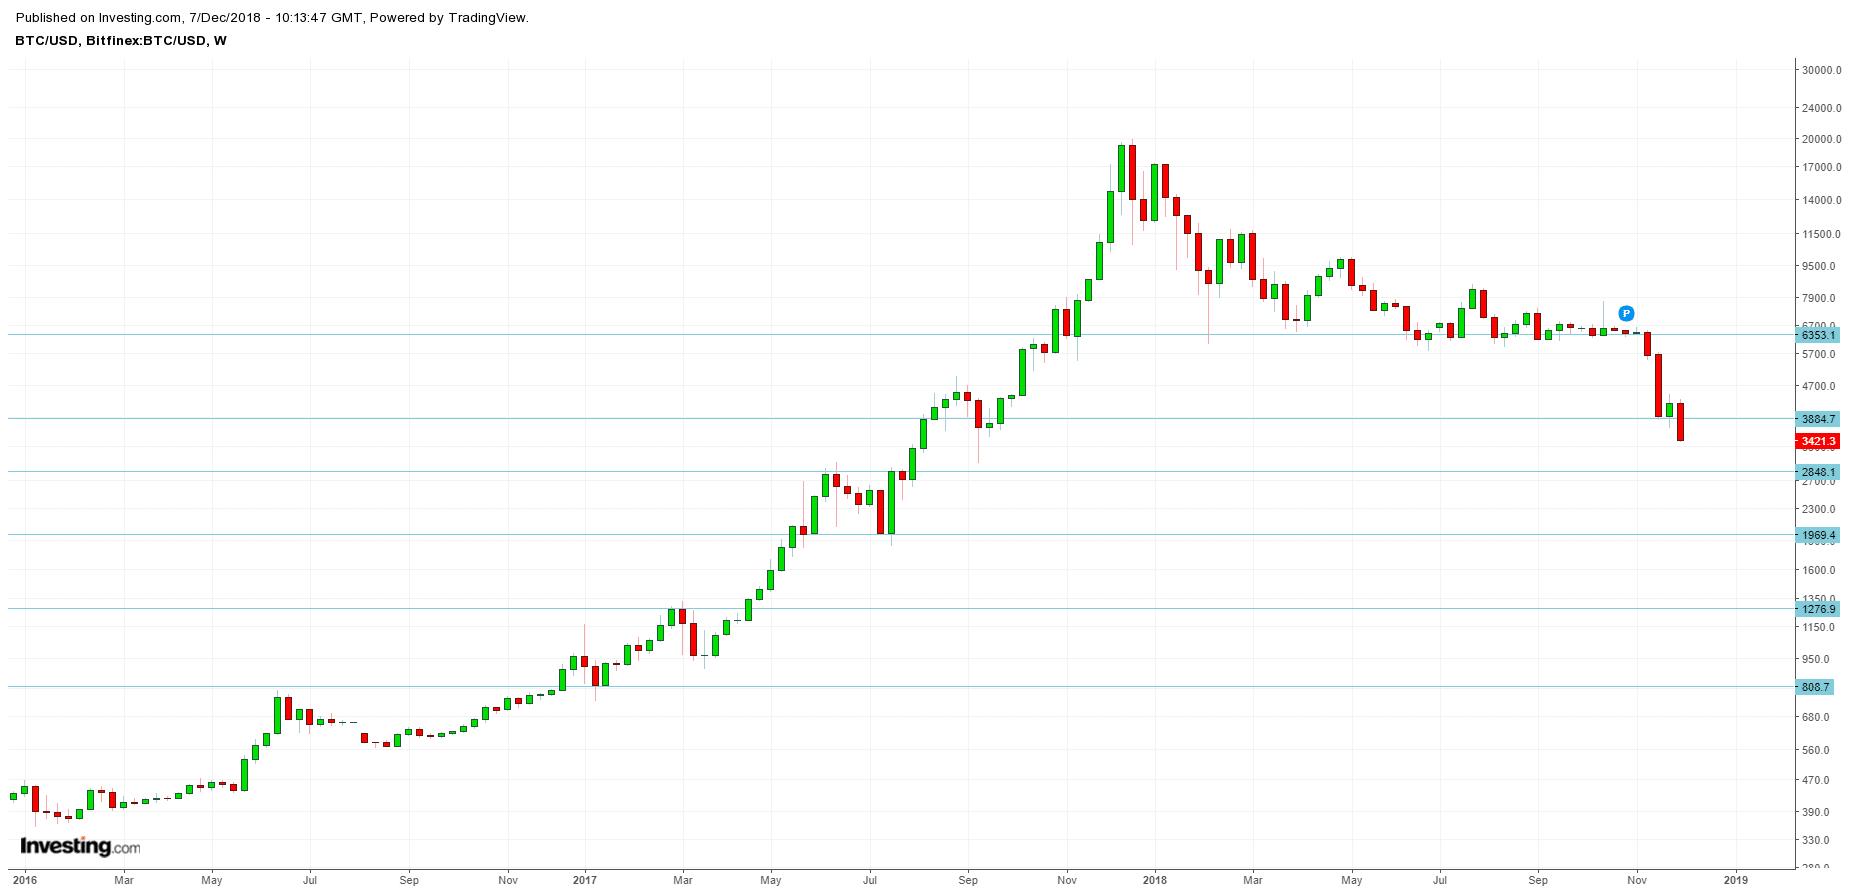 BTC/USD log 18.12.07